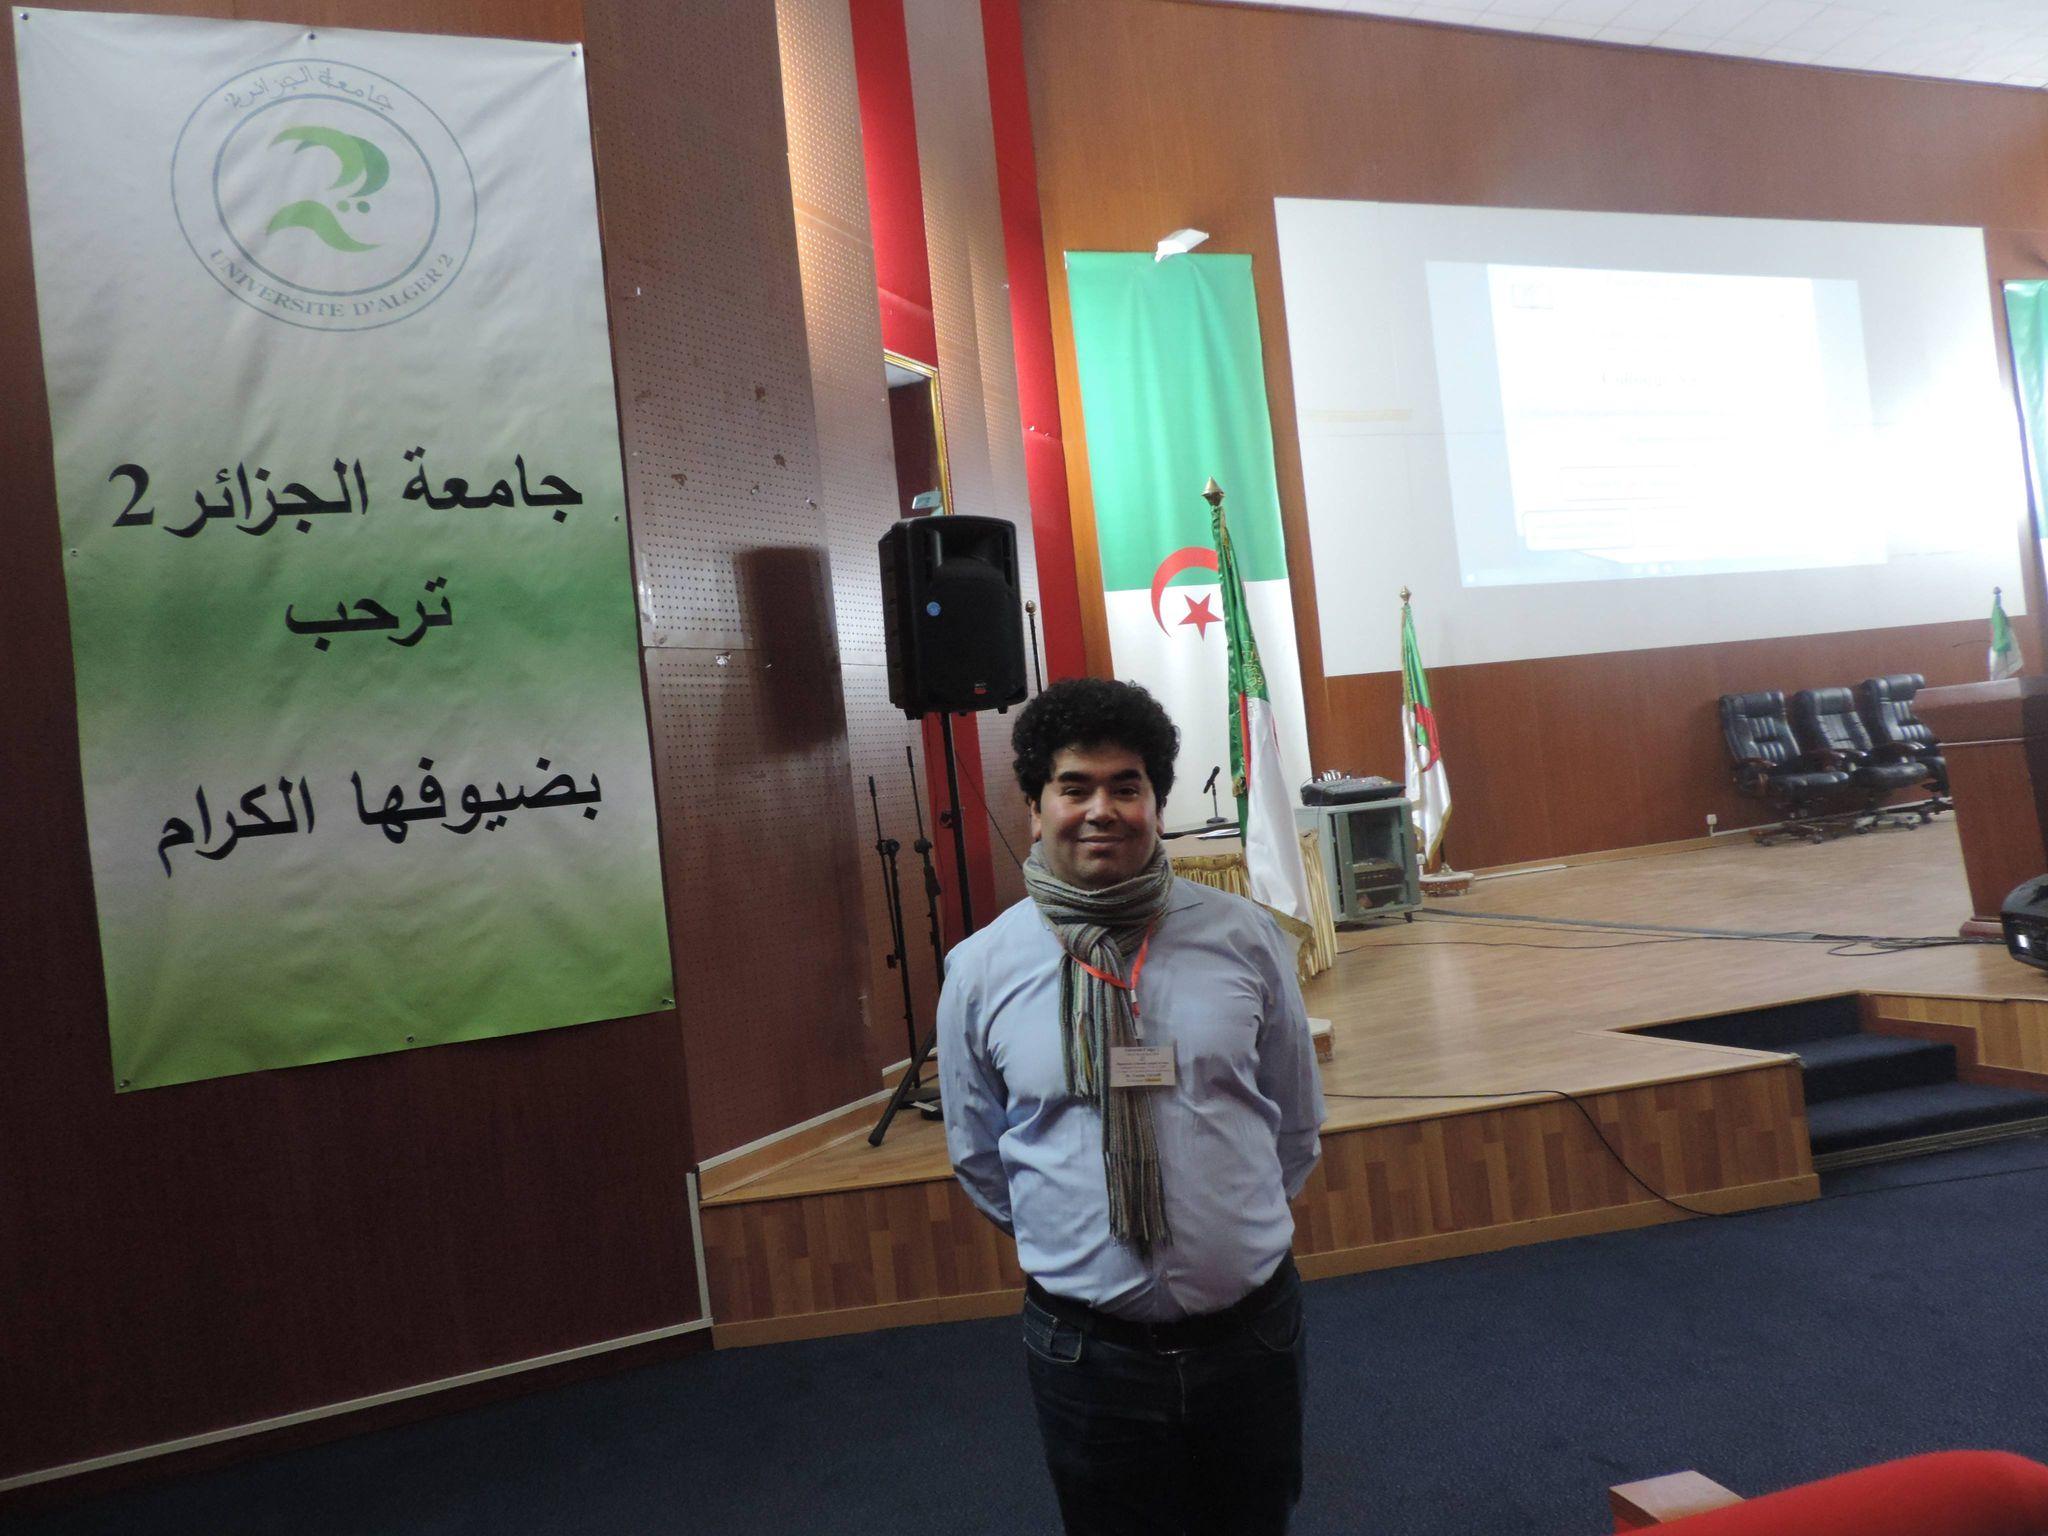 «Стільки теплих спогадів, що усіх не перерахувати», – колишній студент з Алжиру про навчання у ВНУ